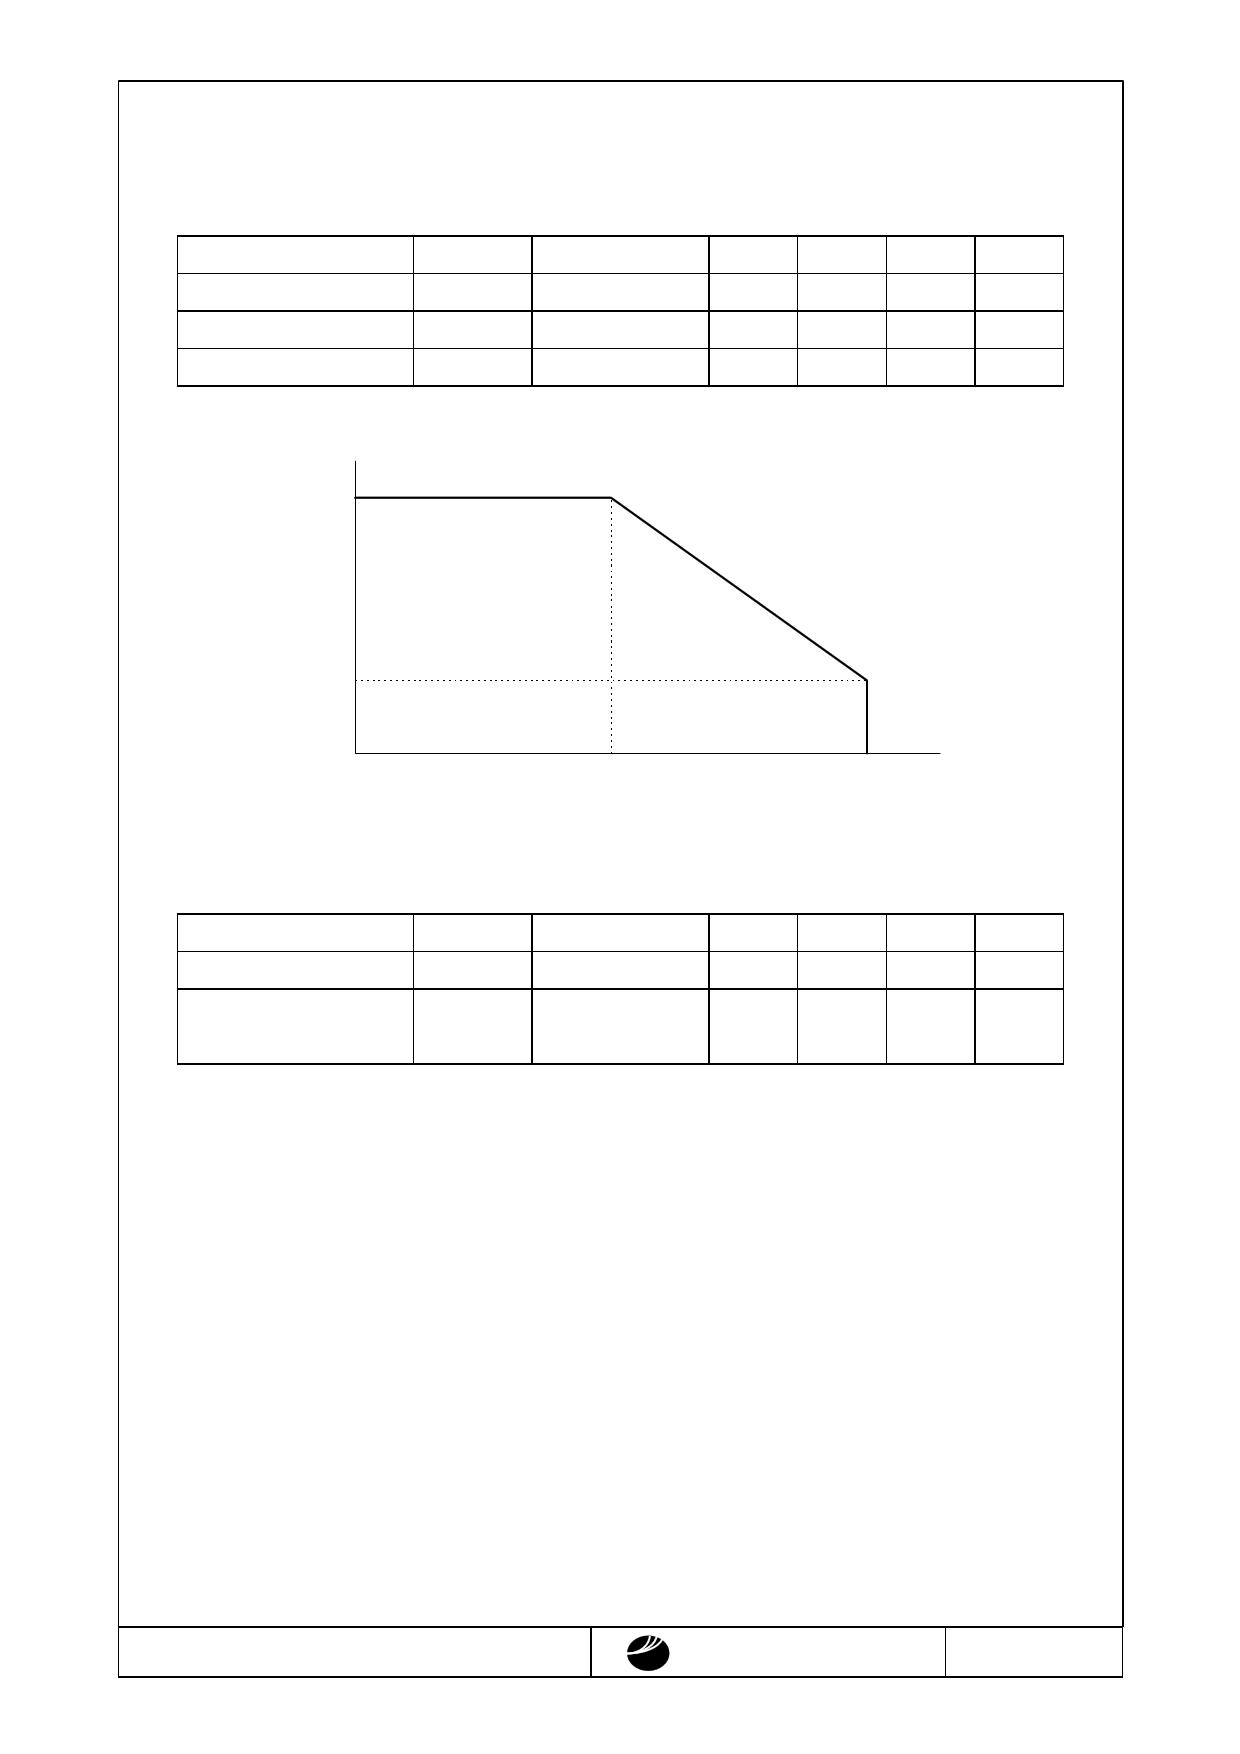 DMC16128NY-LY pdf